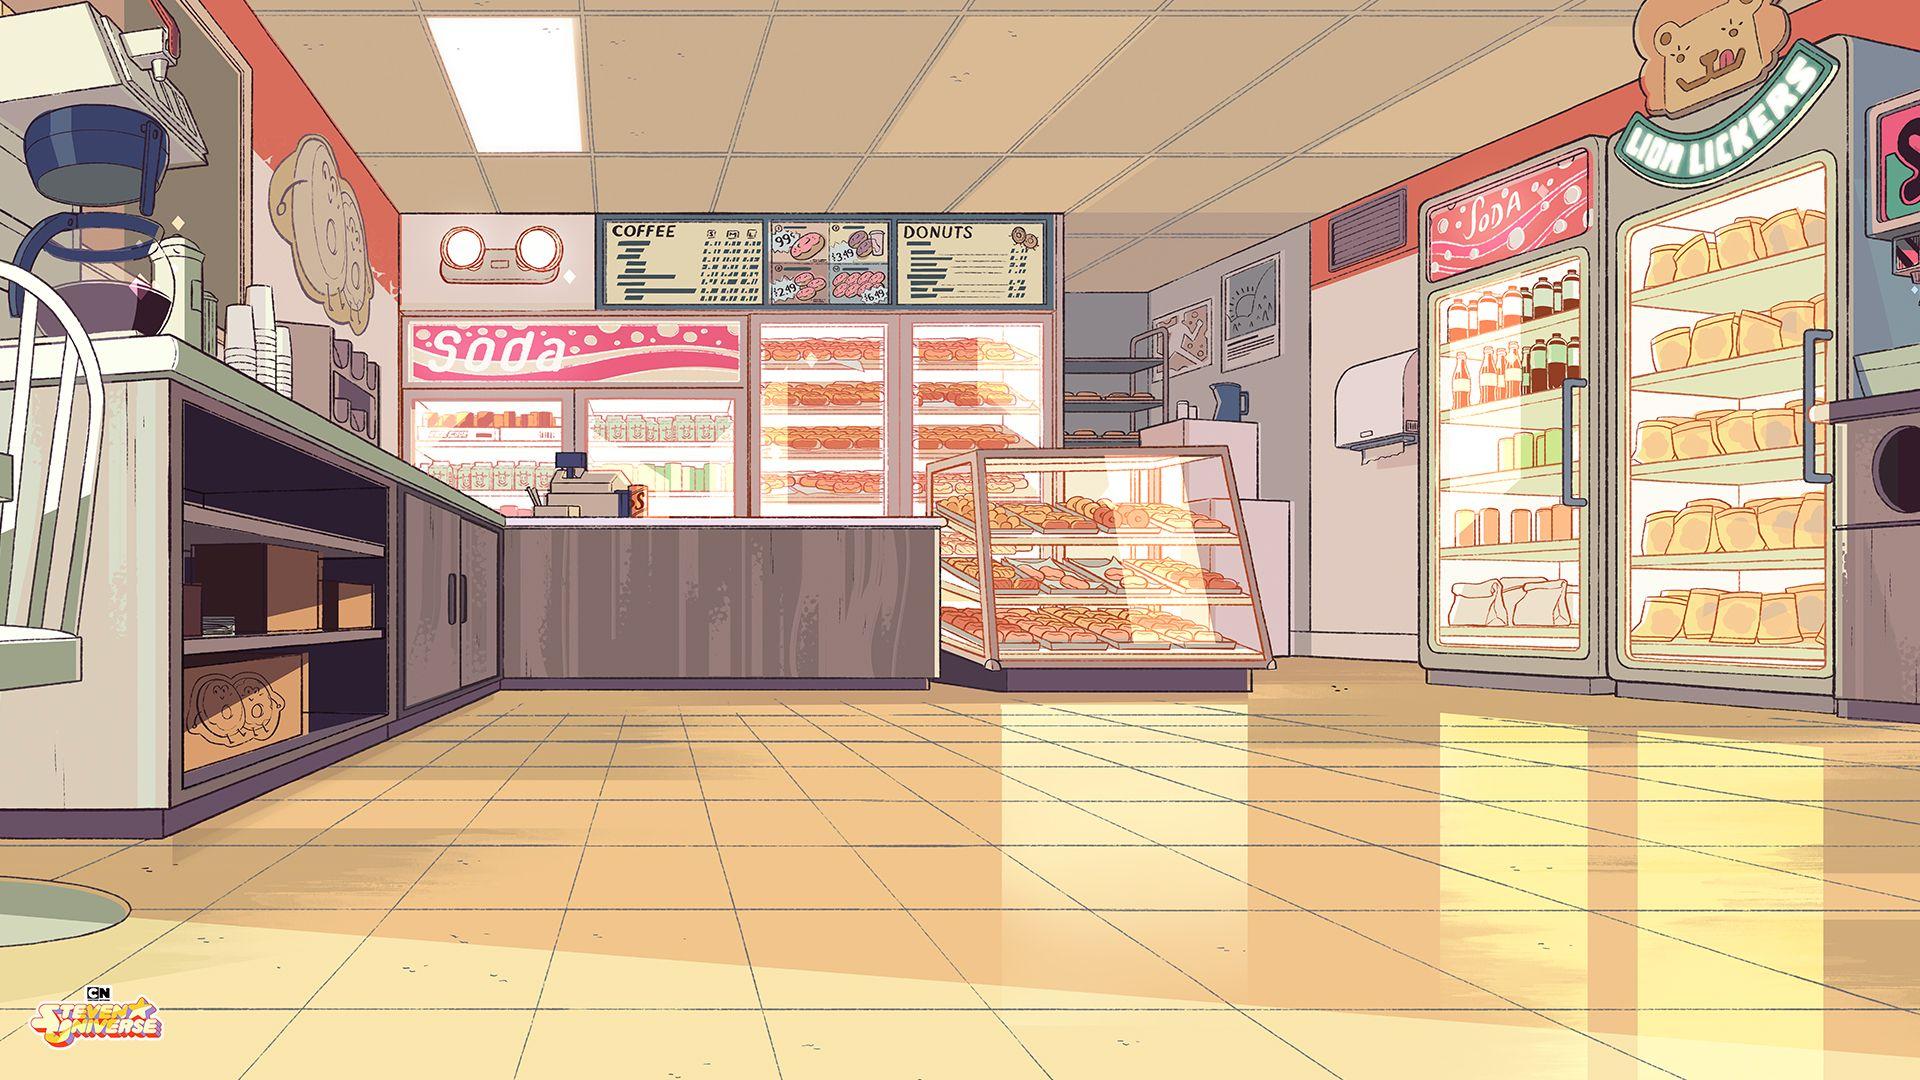 Cartoon Network Backgrounds Cute Desktop Wallpaper Anime Scenery Wallpaper Anime Background Anime wallpaper anime network